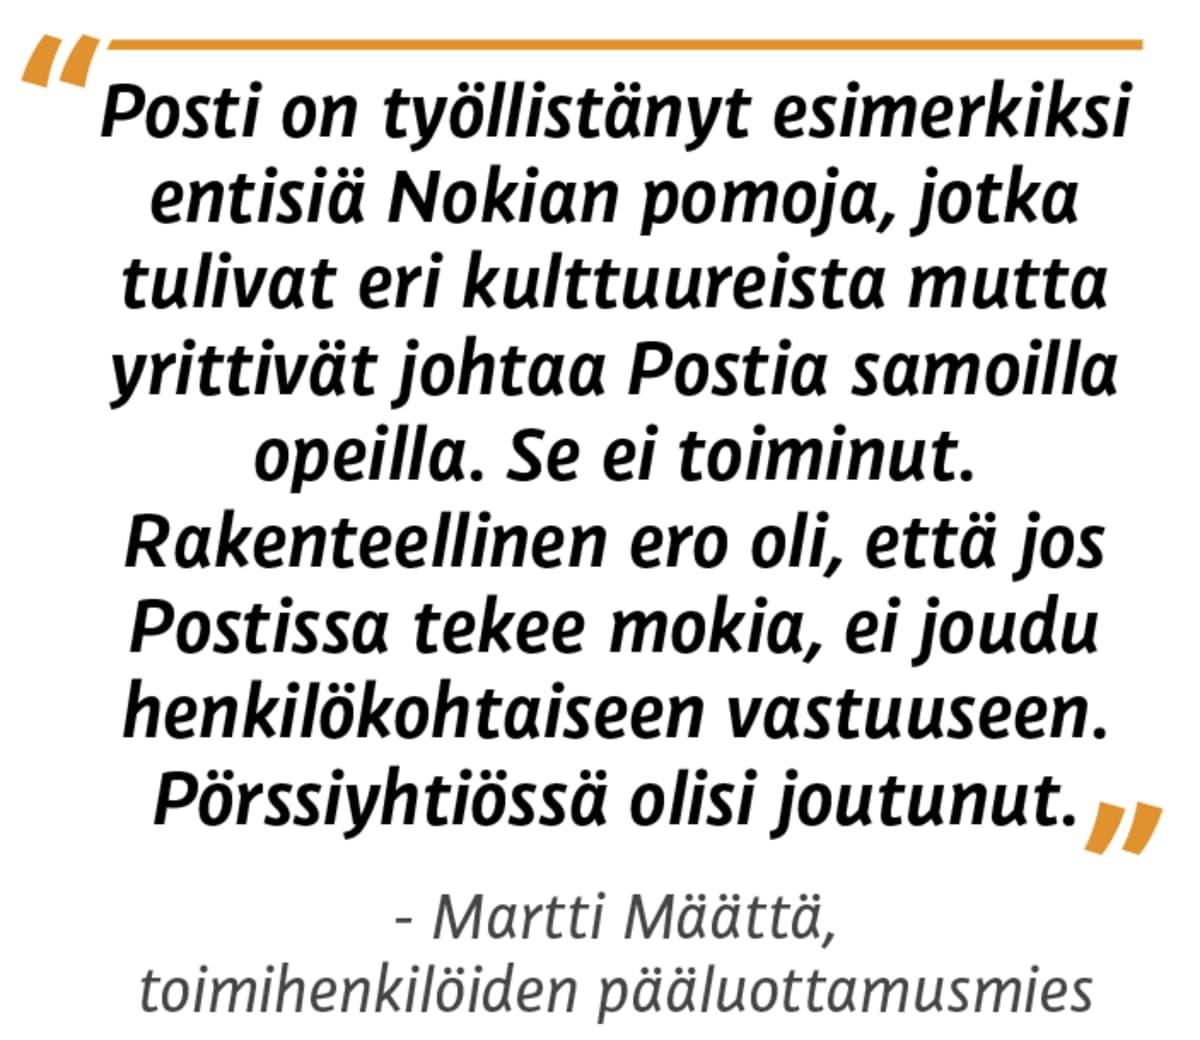 """""""Posti on työllistänyt esimerkiksi entisiä Nokian pomoja, jotka tulivat eri kulttuureista mutta yrittivät johtaa Postia samoilla opeilla. Se ei toiminut. Rakenteellinen ero oli, että jos Postissa tekee mokia, ei joudu henkilökohtaiseen vastuuseen. Pörssiyhtiössä olisi joutunut. """" Martti Määttä, toimihenkilöiden pääluottamusmies"""